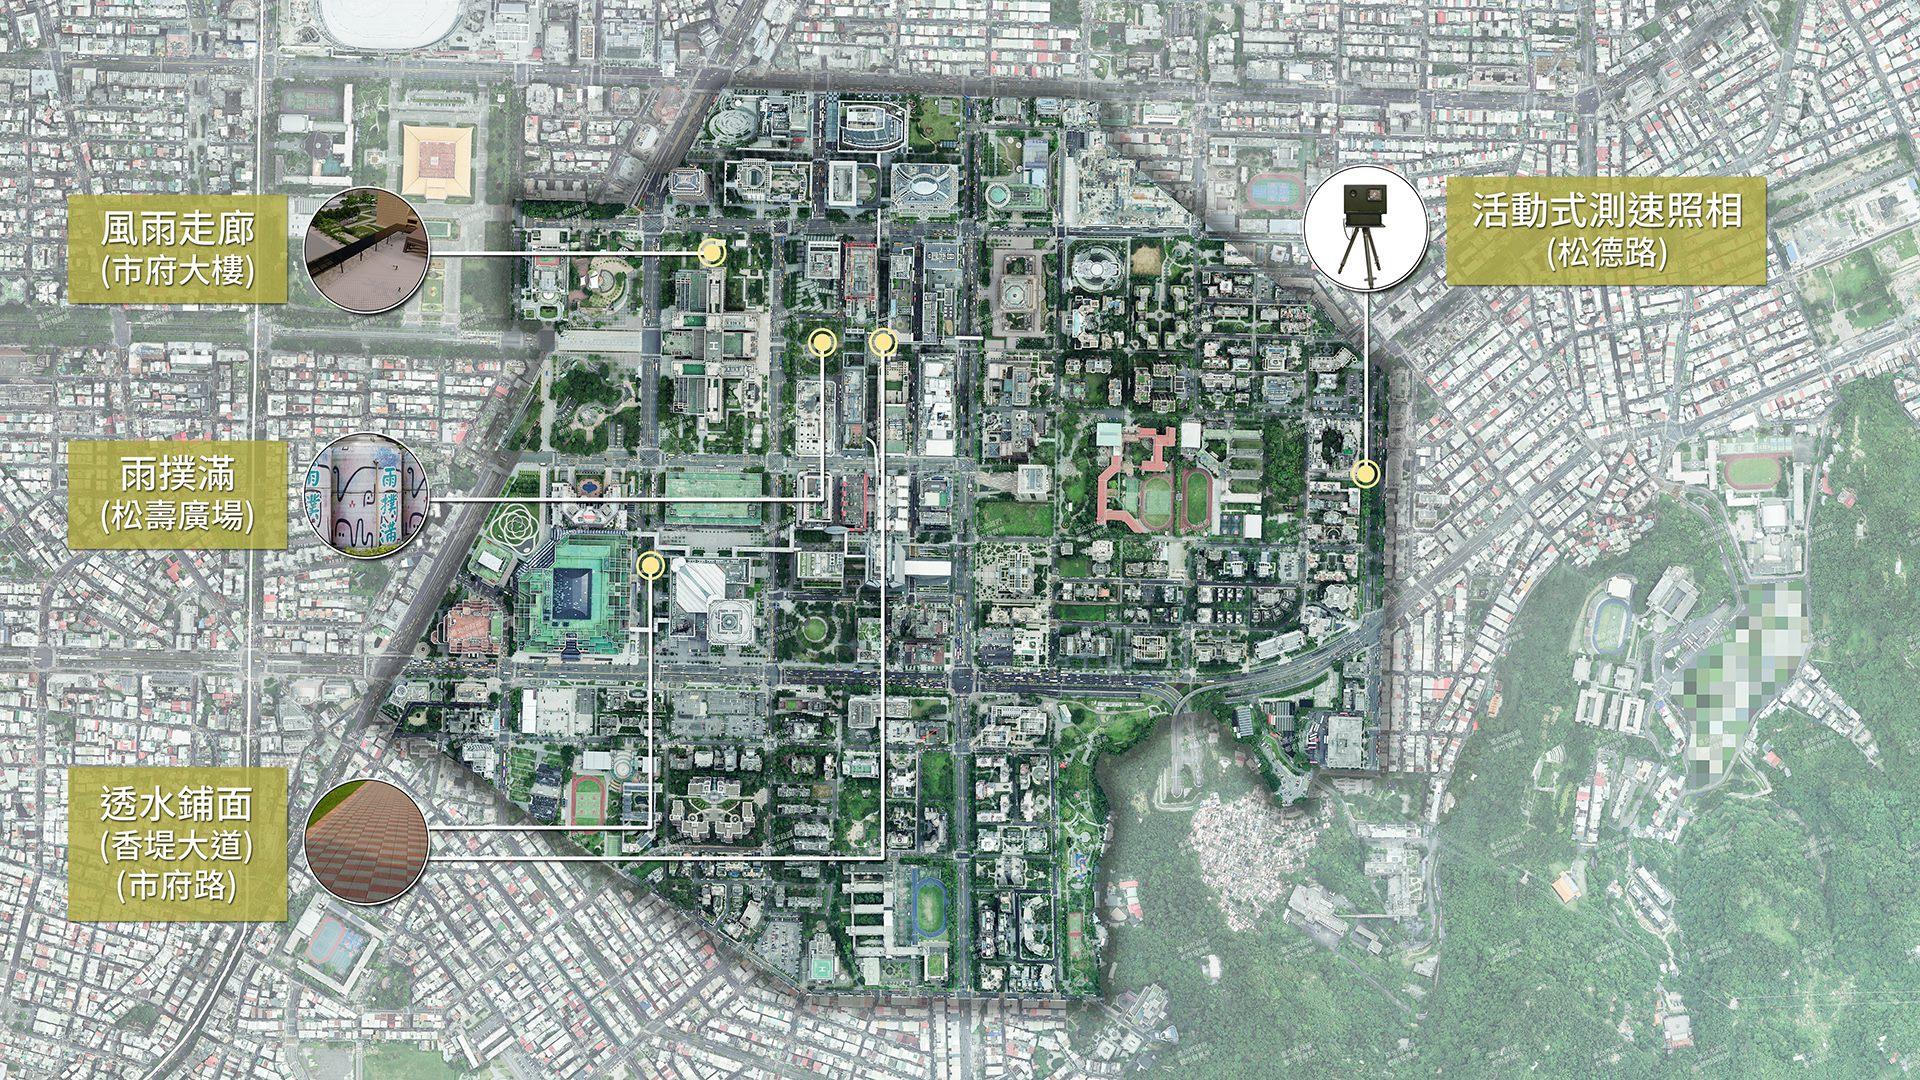 松山二期(信義計畫區)規劃成果